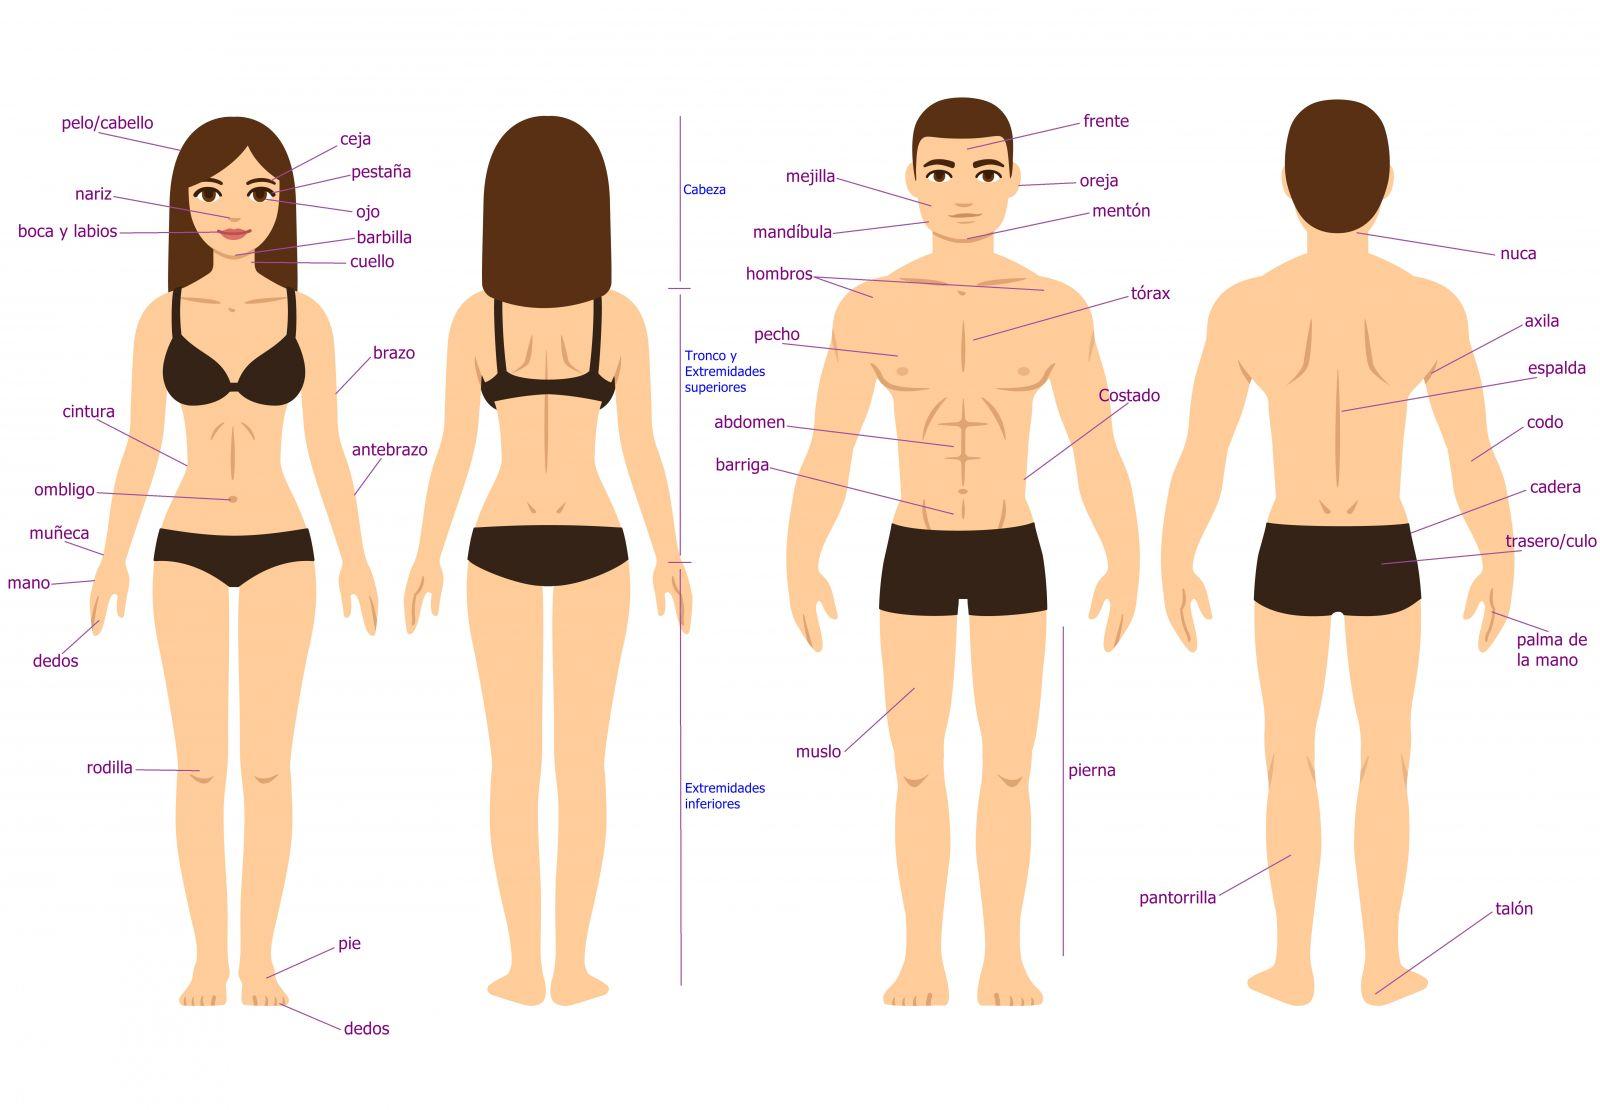 El Cuerpo Humano: Las Partes Del Cuerpo Humano En Español